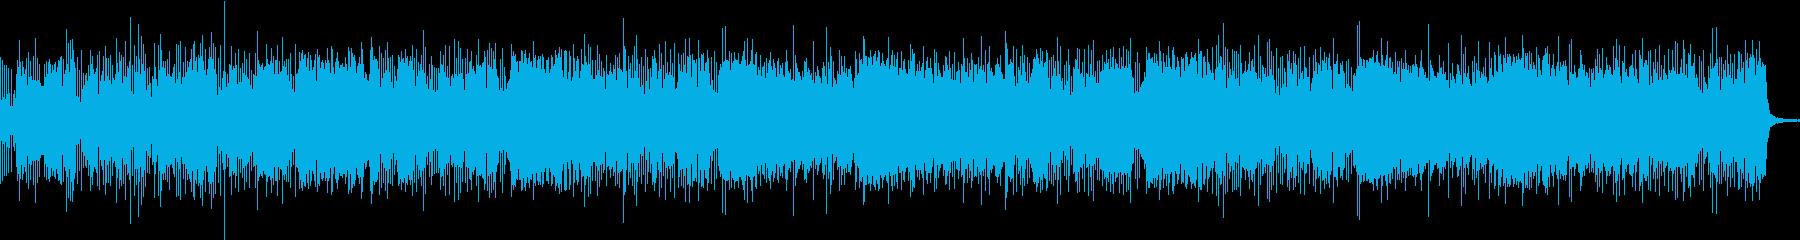 バンドサウンド激しいガレージロックBGMの再生済みの波形